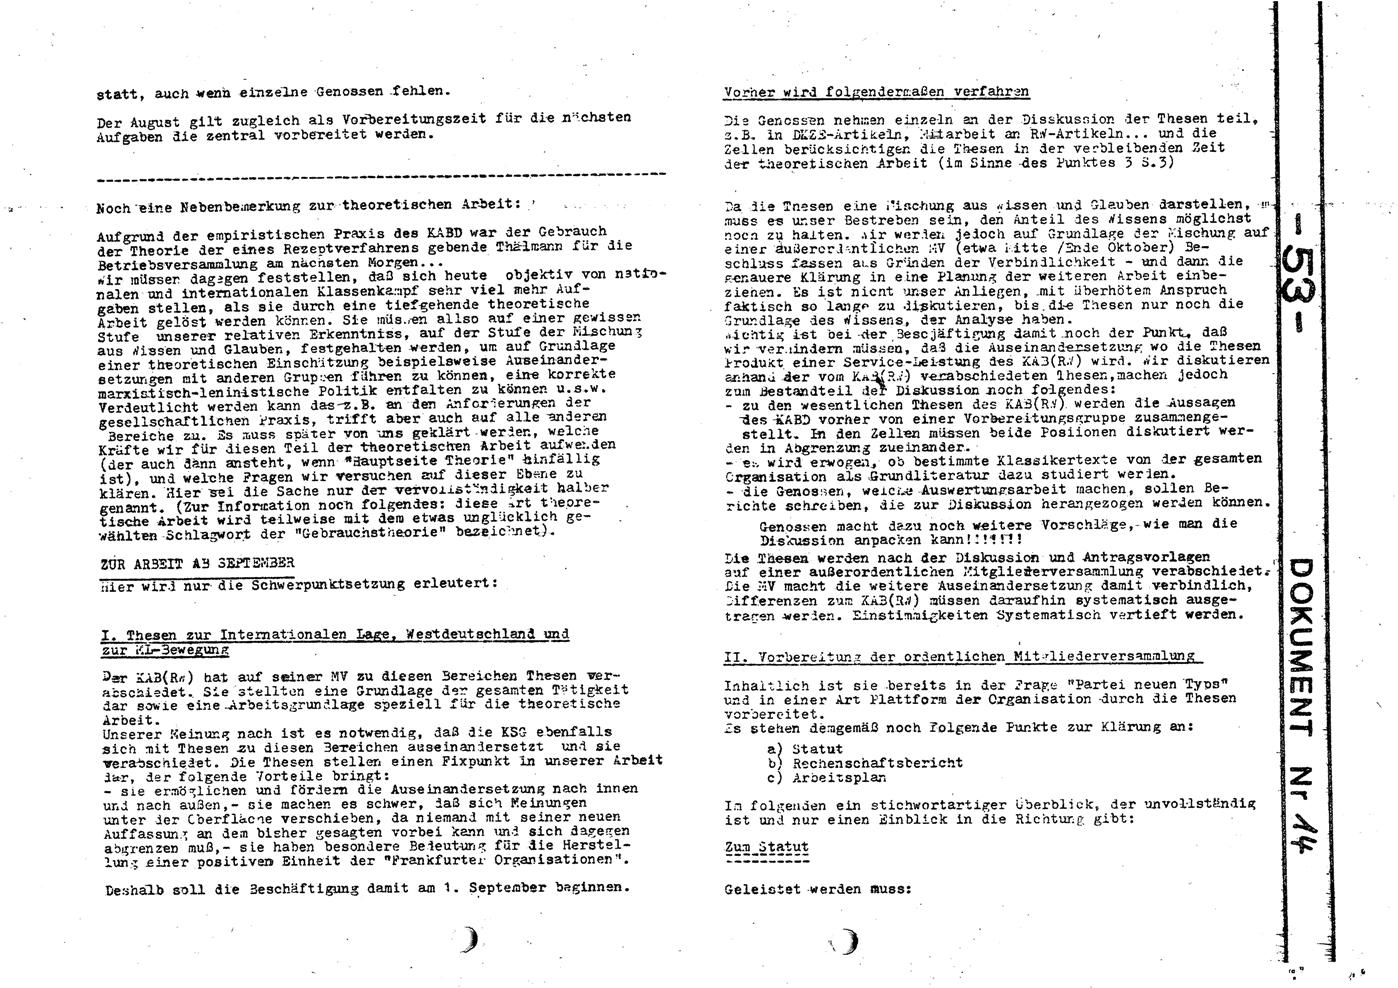 KABRW_Arbeitshefte_1977_24_053